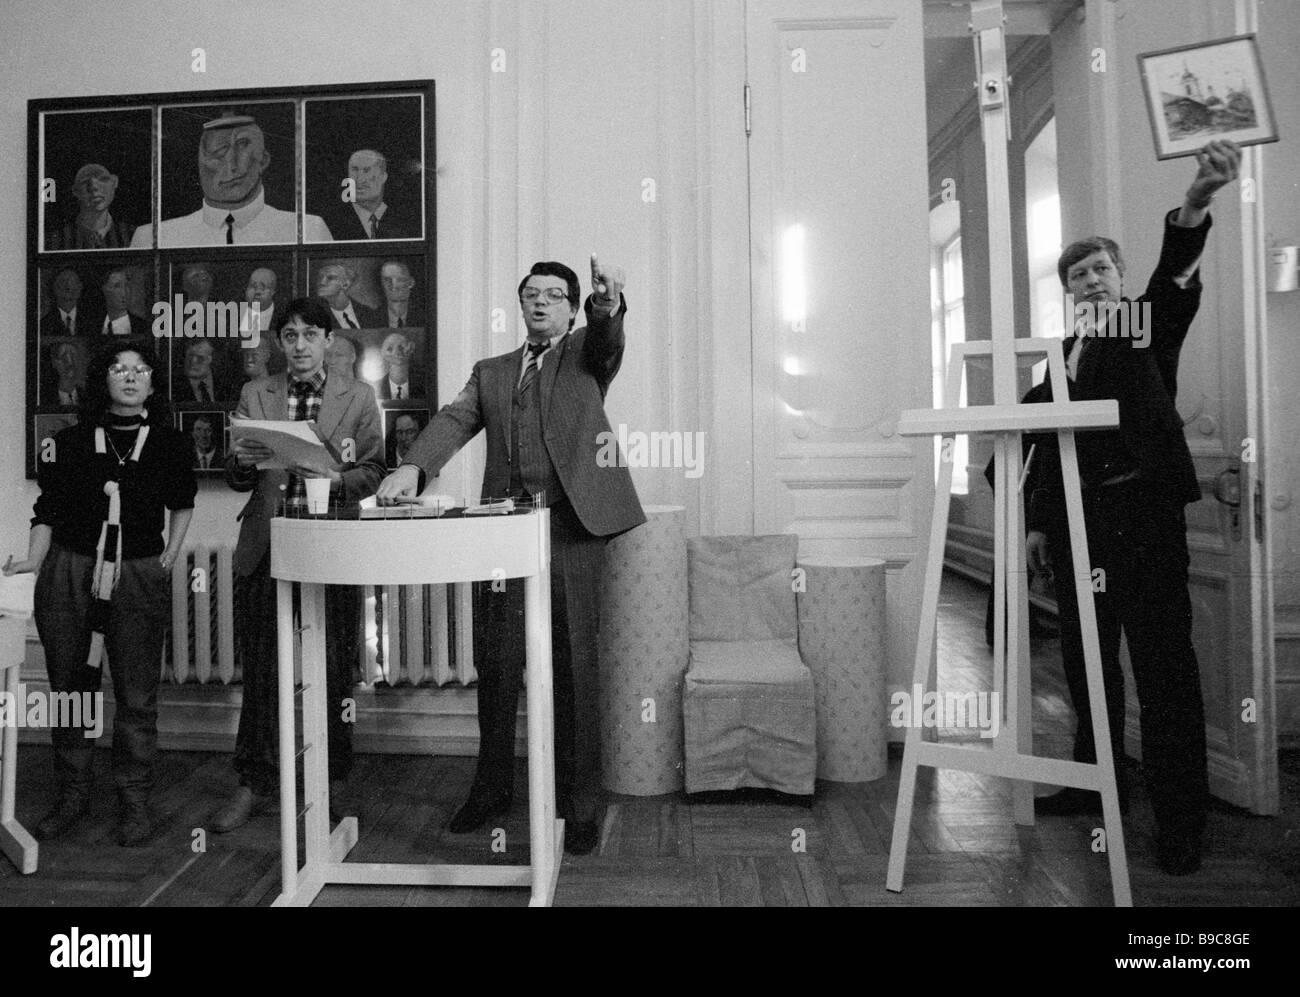 Onorevole artista del russo Alexander SFSR Shirvindt detiene i dipinti asta organizzata dalla cultura sovietica Immagini Stock